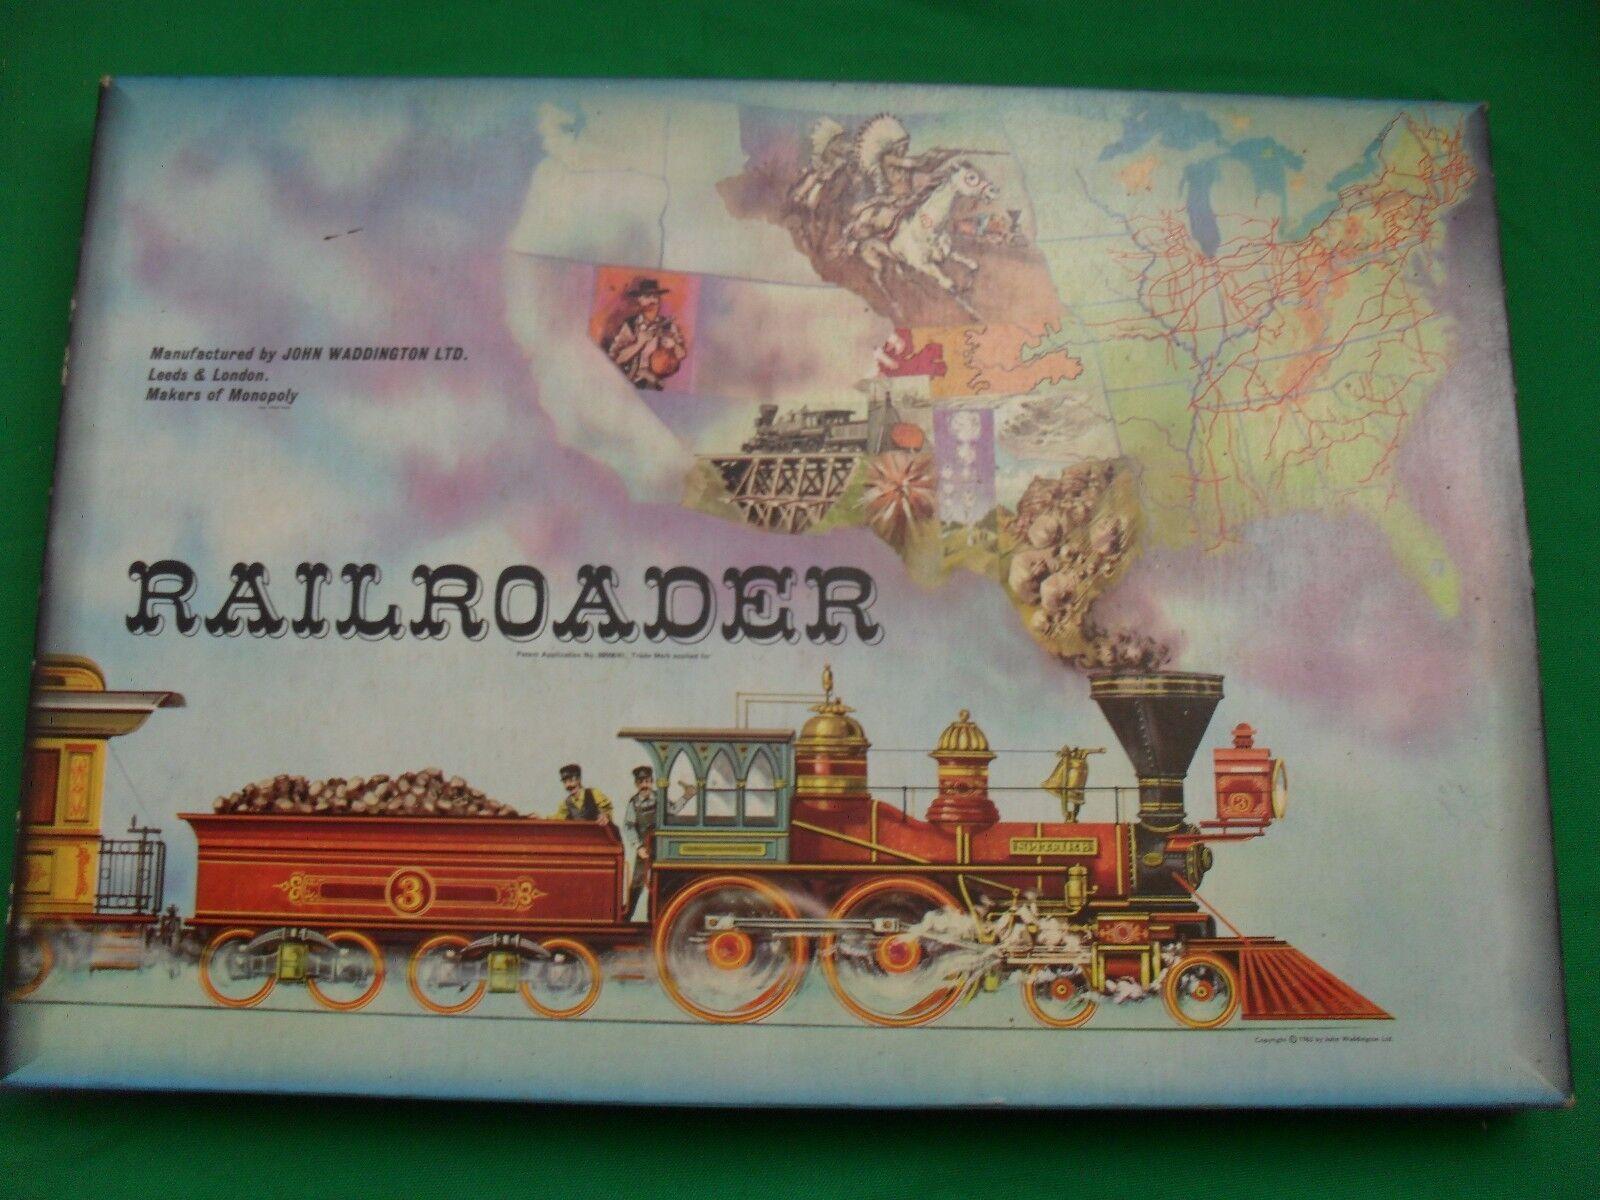 RAILROADER GAME - WADDINGTONS  vintage  Board games - 1963